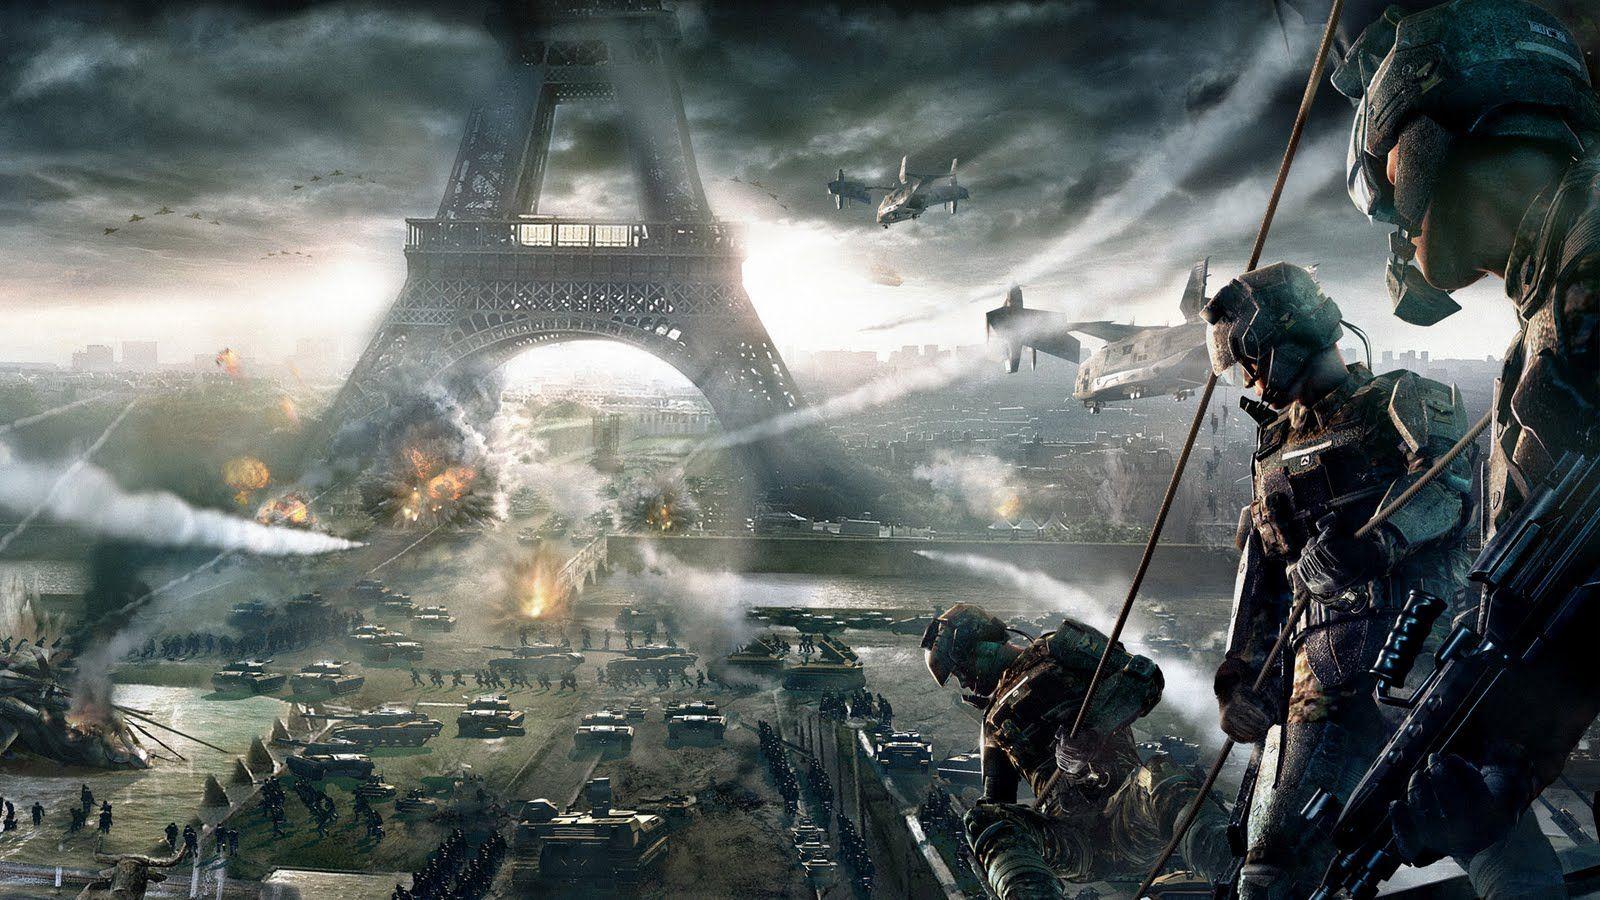 epic star wars wallpapers d digital paintings movies   hd